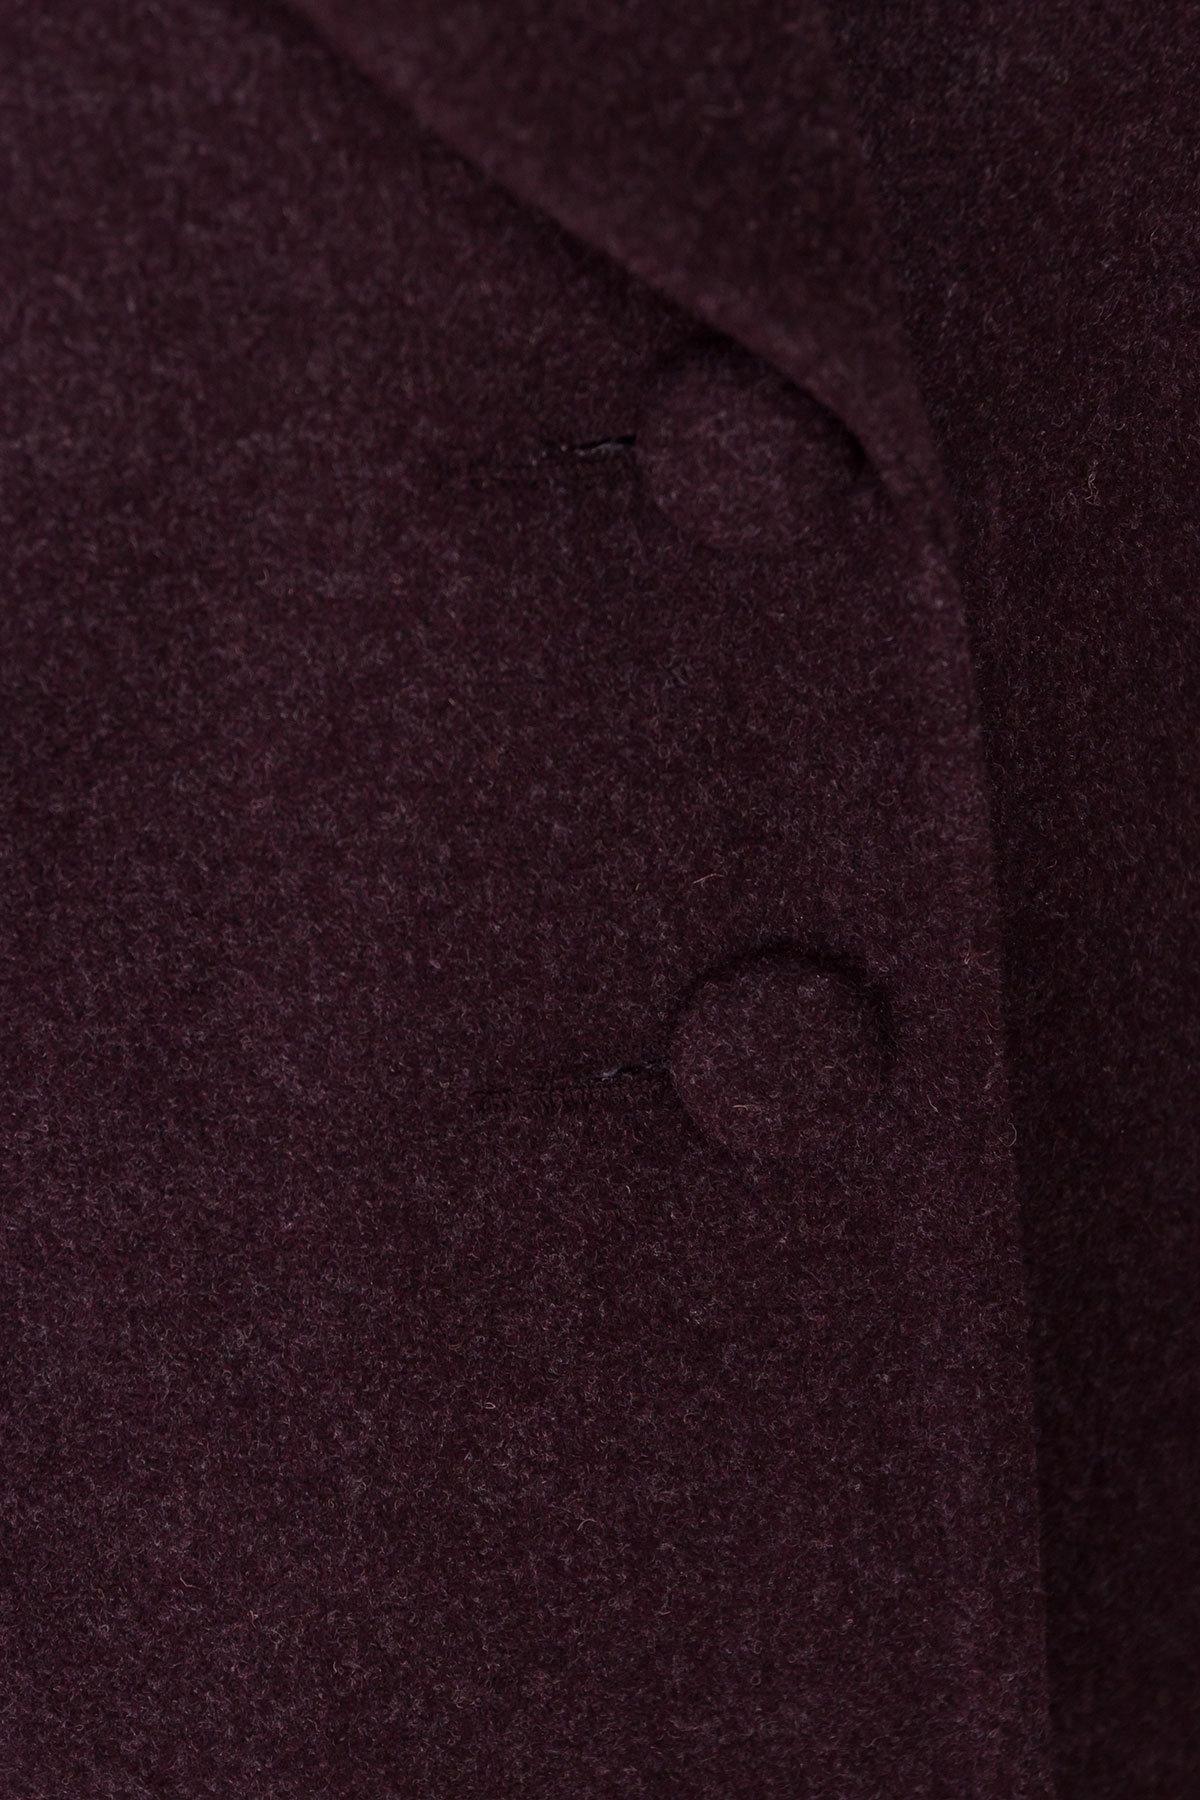 Демисезонное пальто Вива 4558 АРТ. 37265 Цвет: Марсала - фото 5, интернет магазин tm-modus.ru